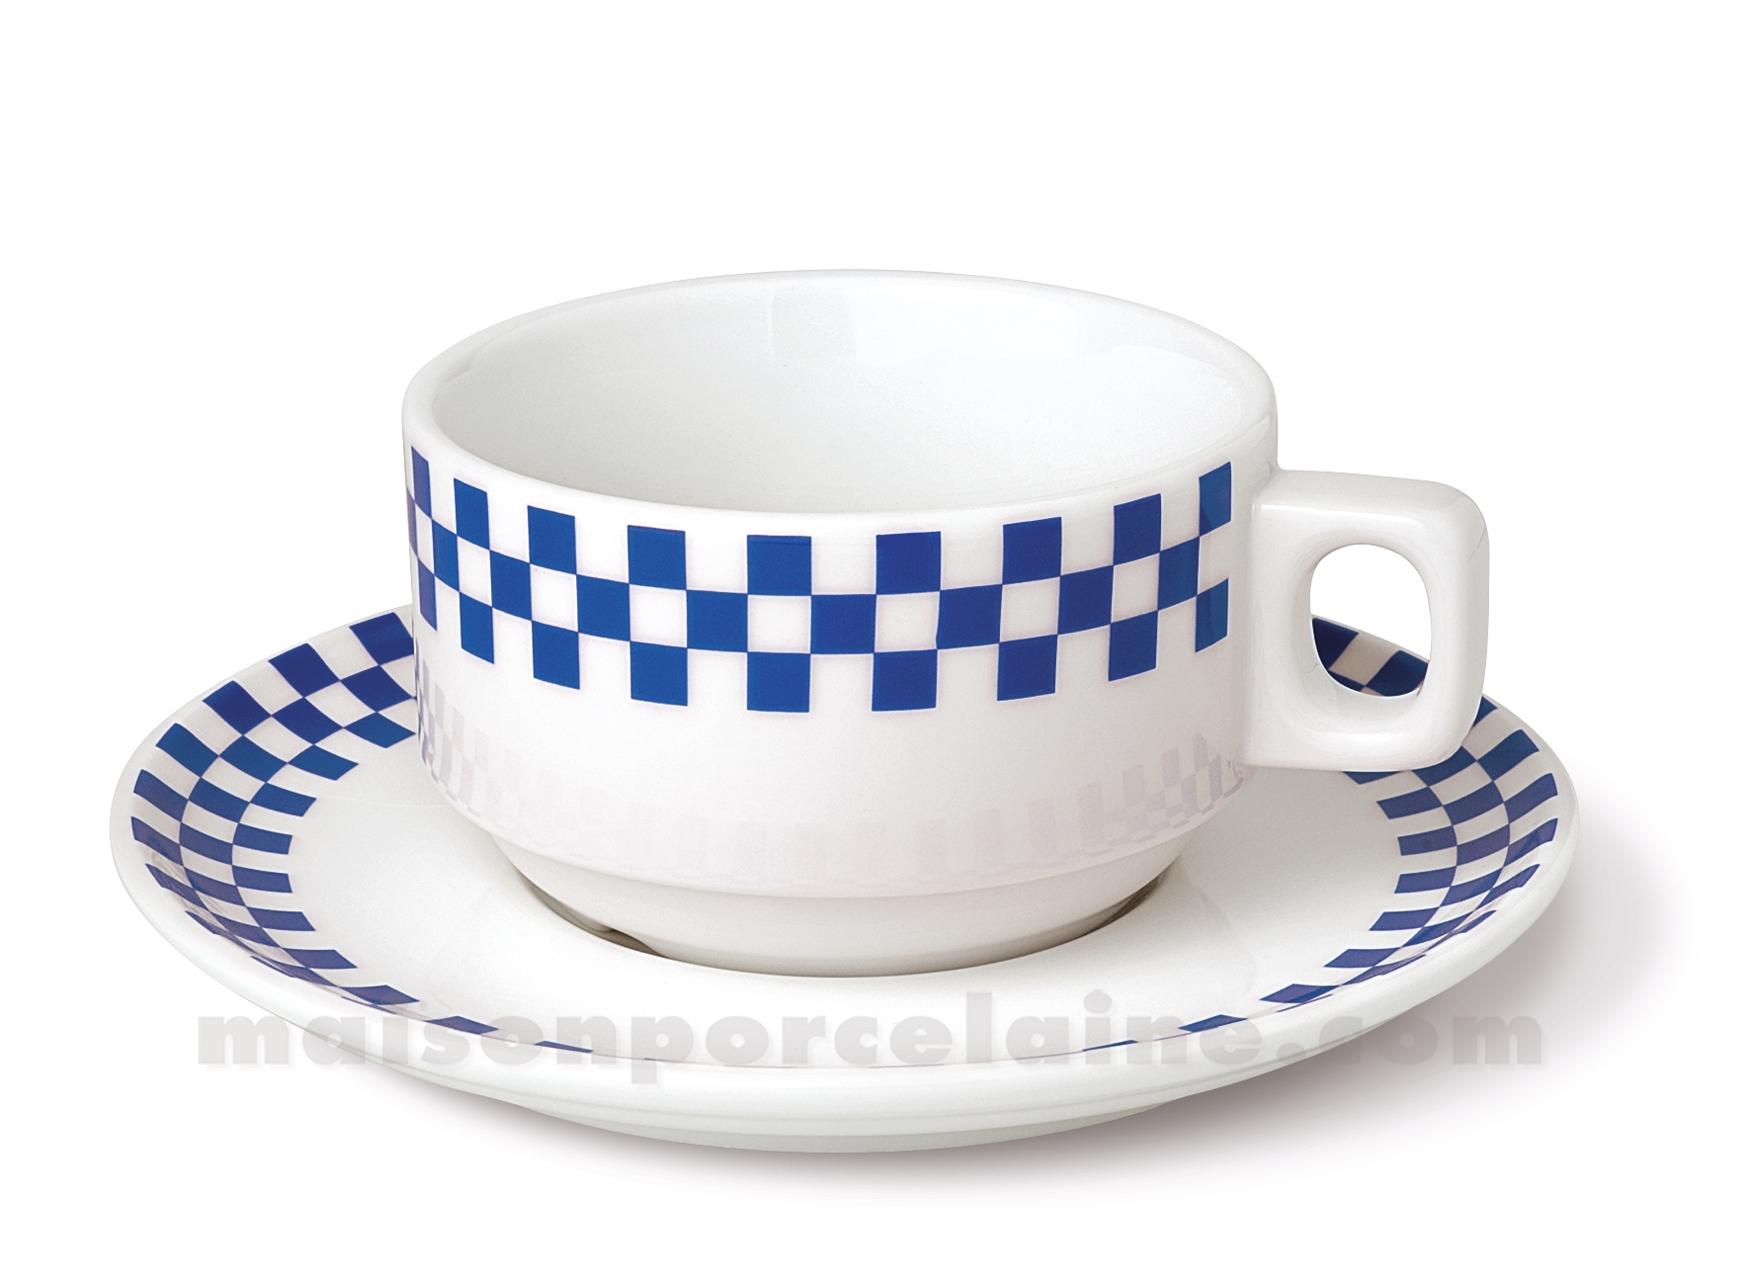 Tasse dejeuner empilable soucoupe bistro 30cl maison de for Maison de la porcelaine